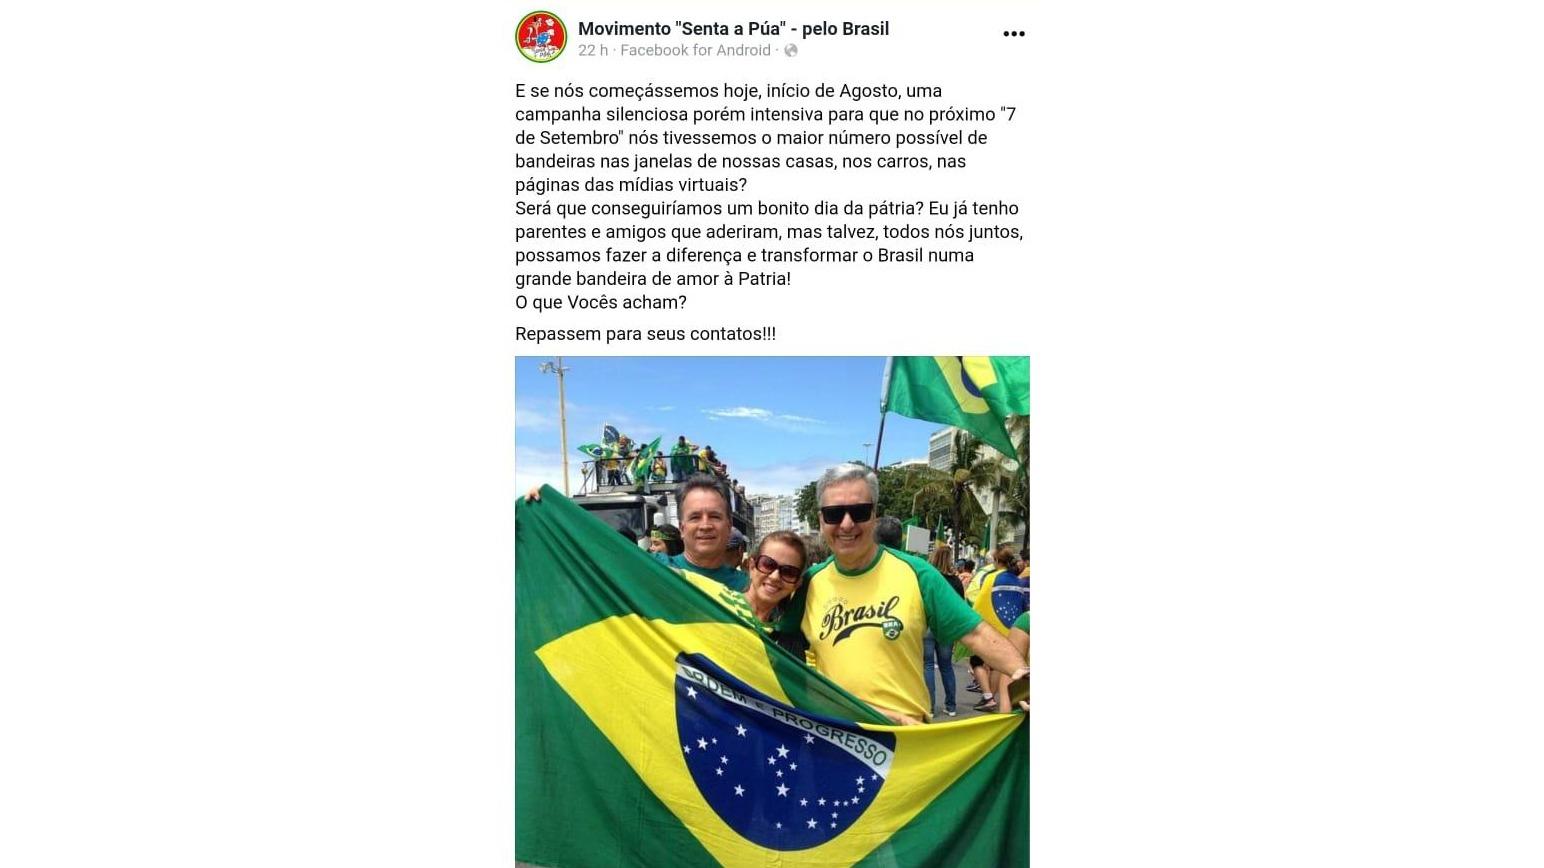 Campanha a favor do Bolsonaro na Internet